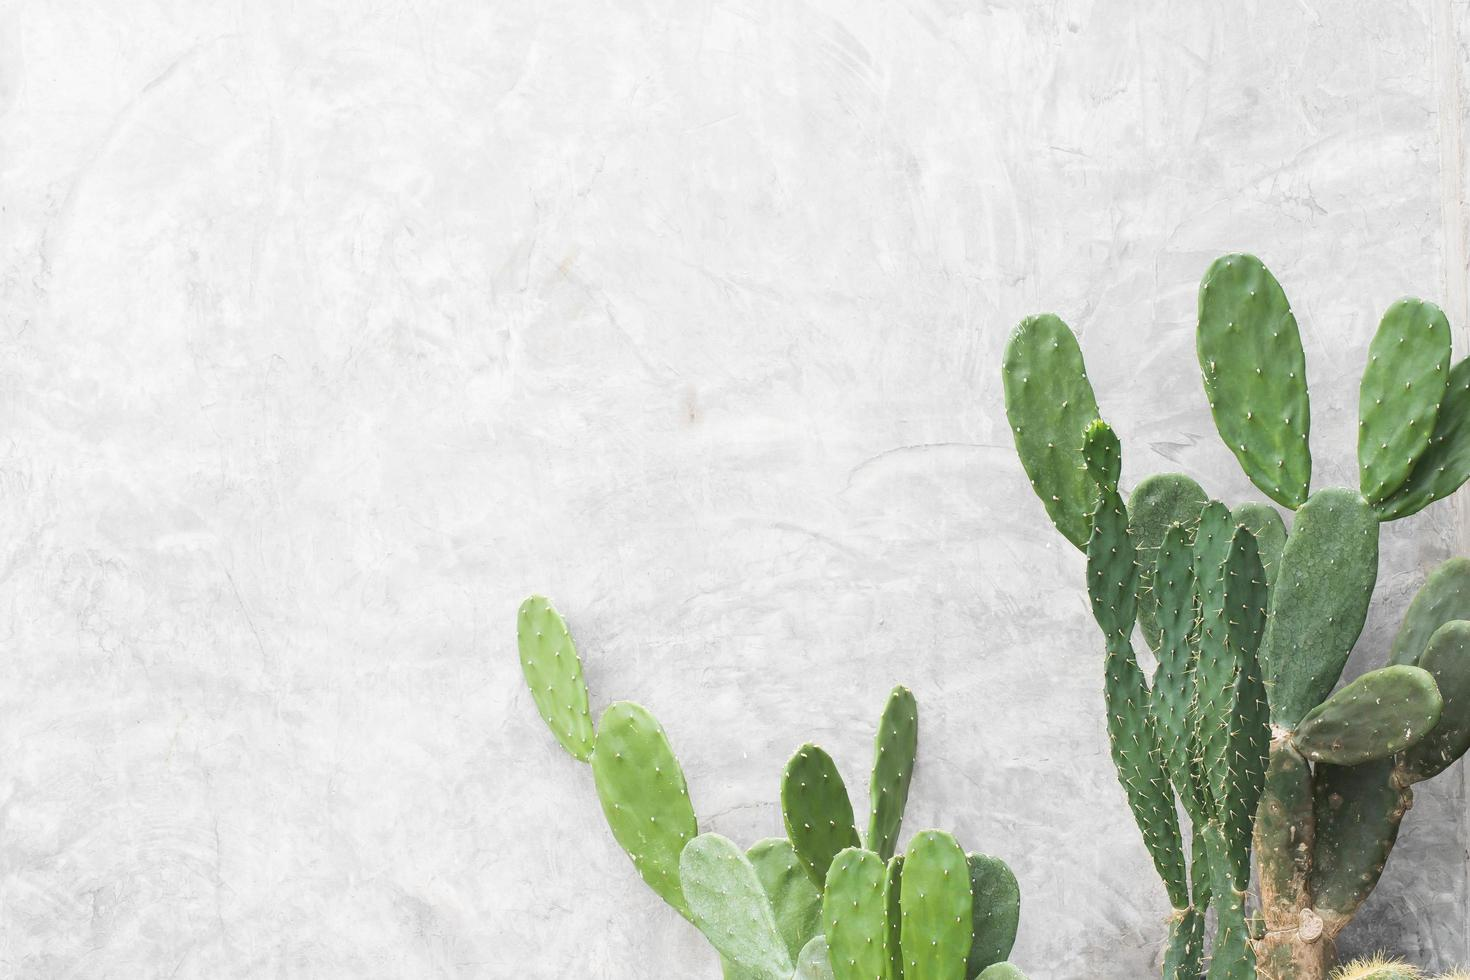 Feuilles vertes de cactus sur fond de mur blanc photo